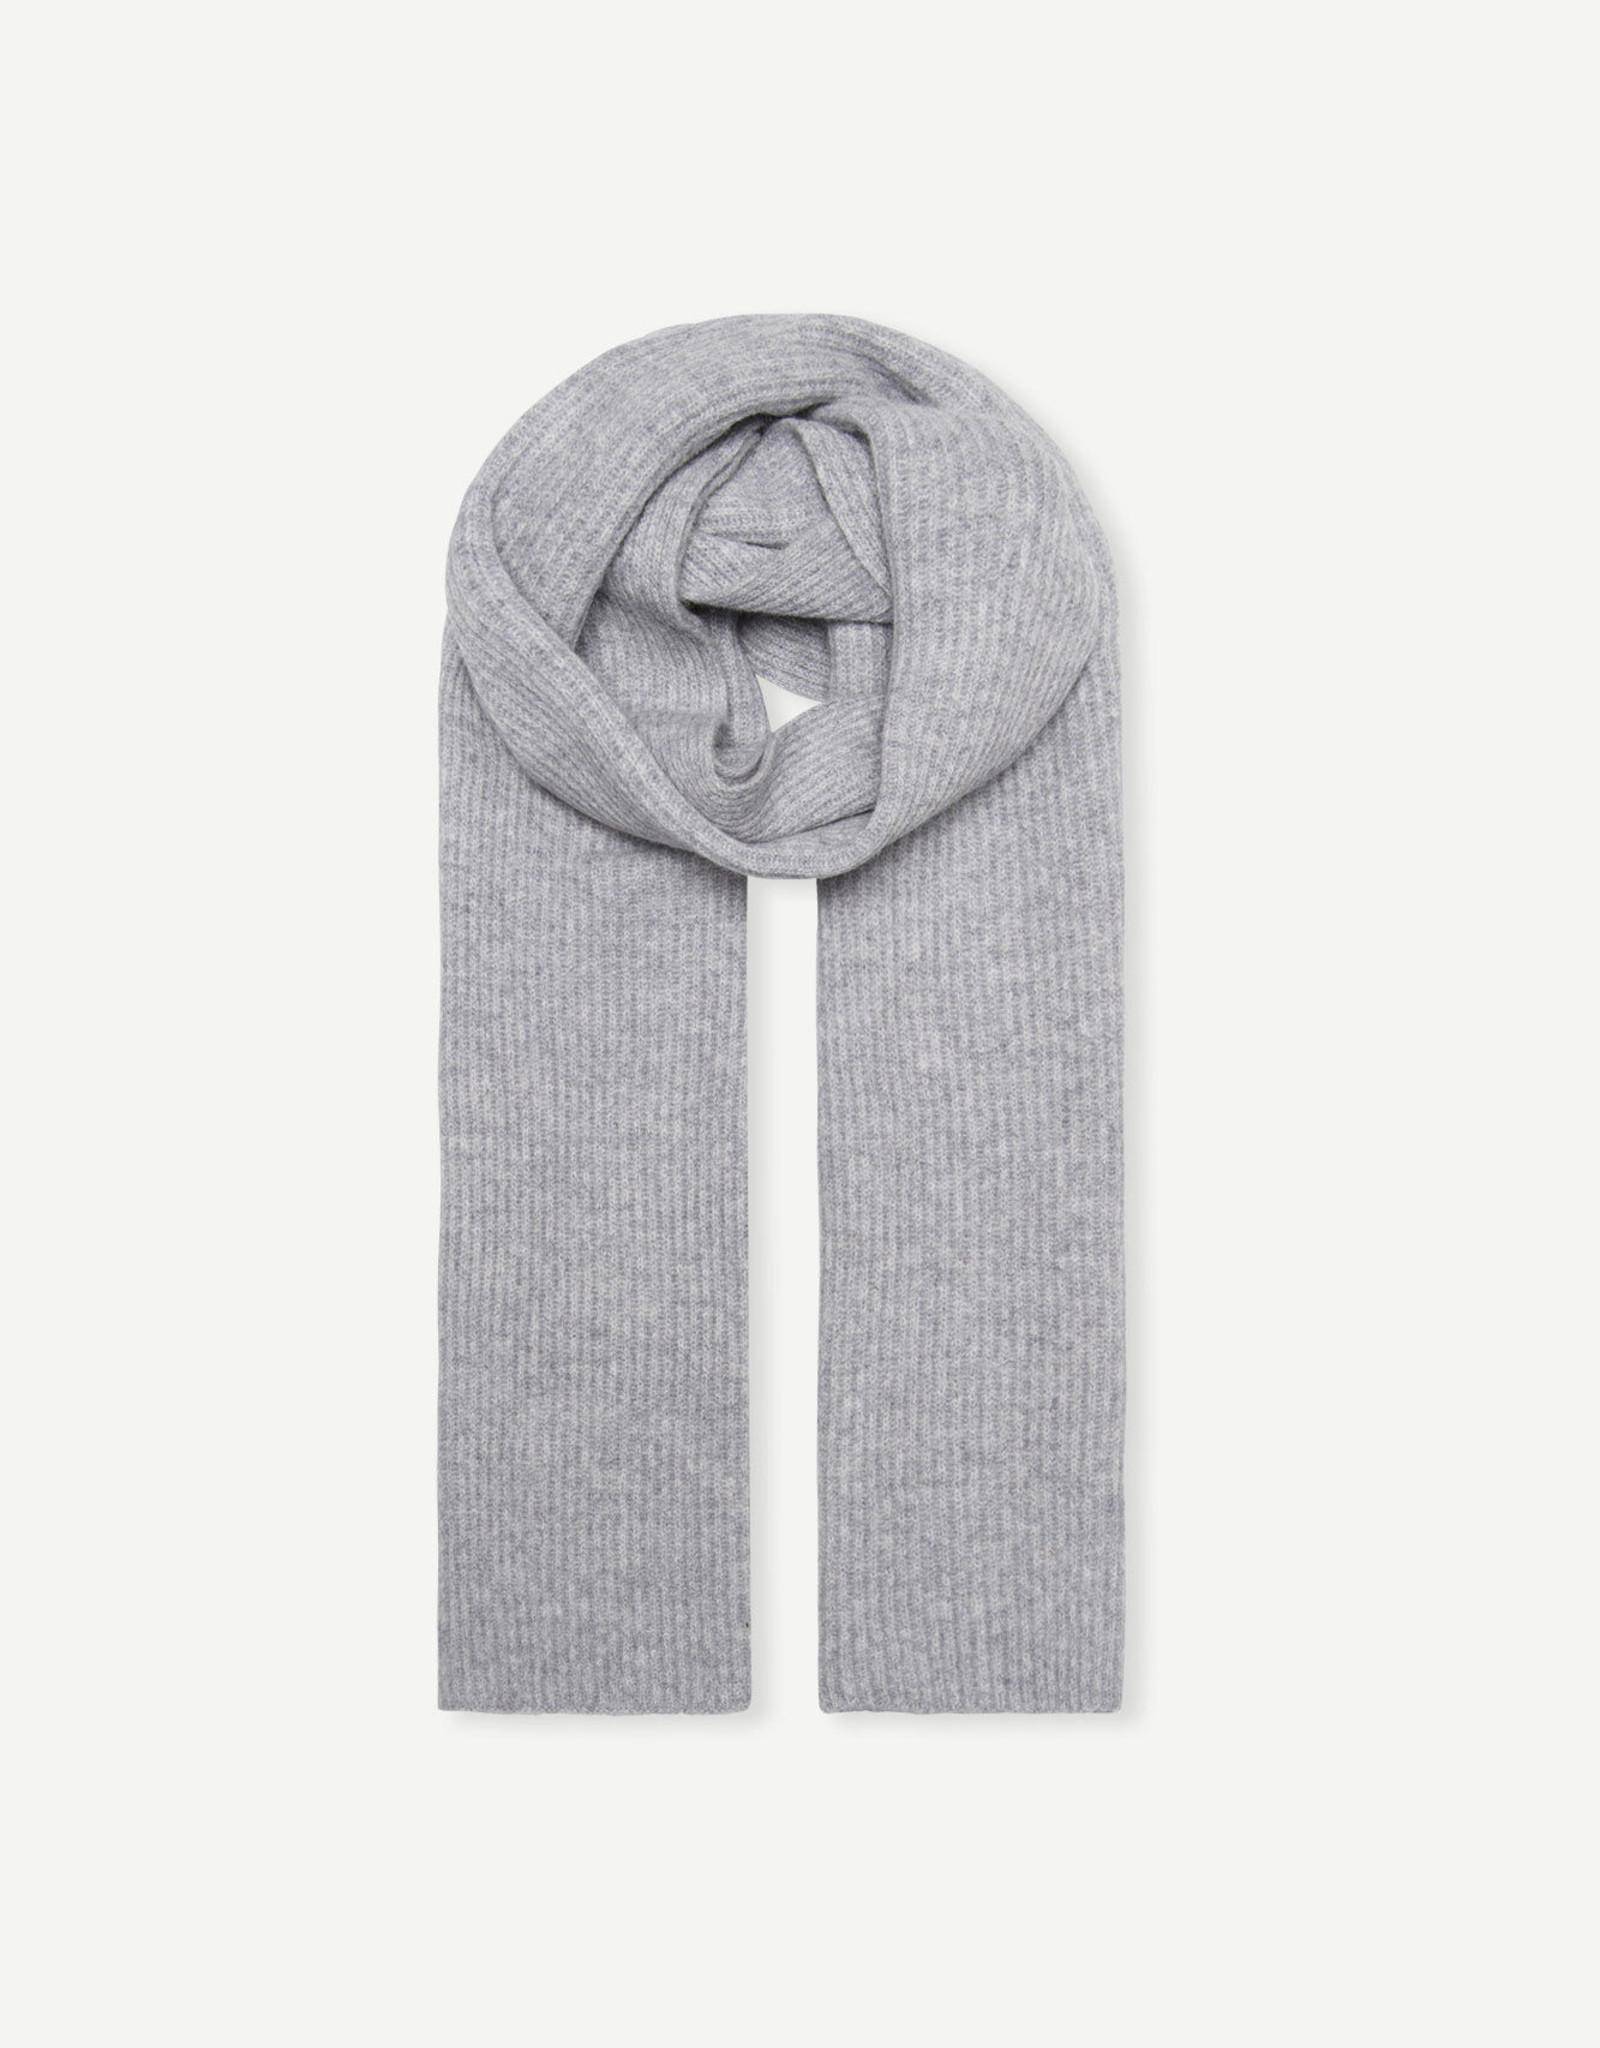 Samsoe Samsoe Amaris scarf 12758 GREY MEL.